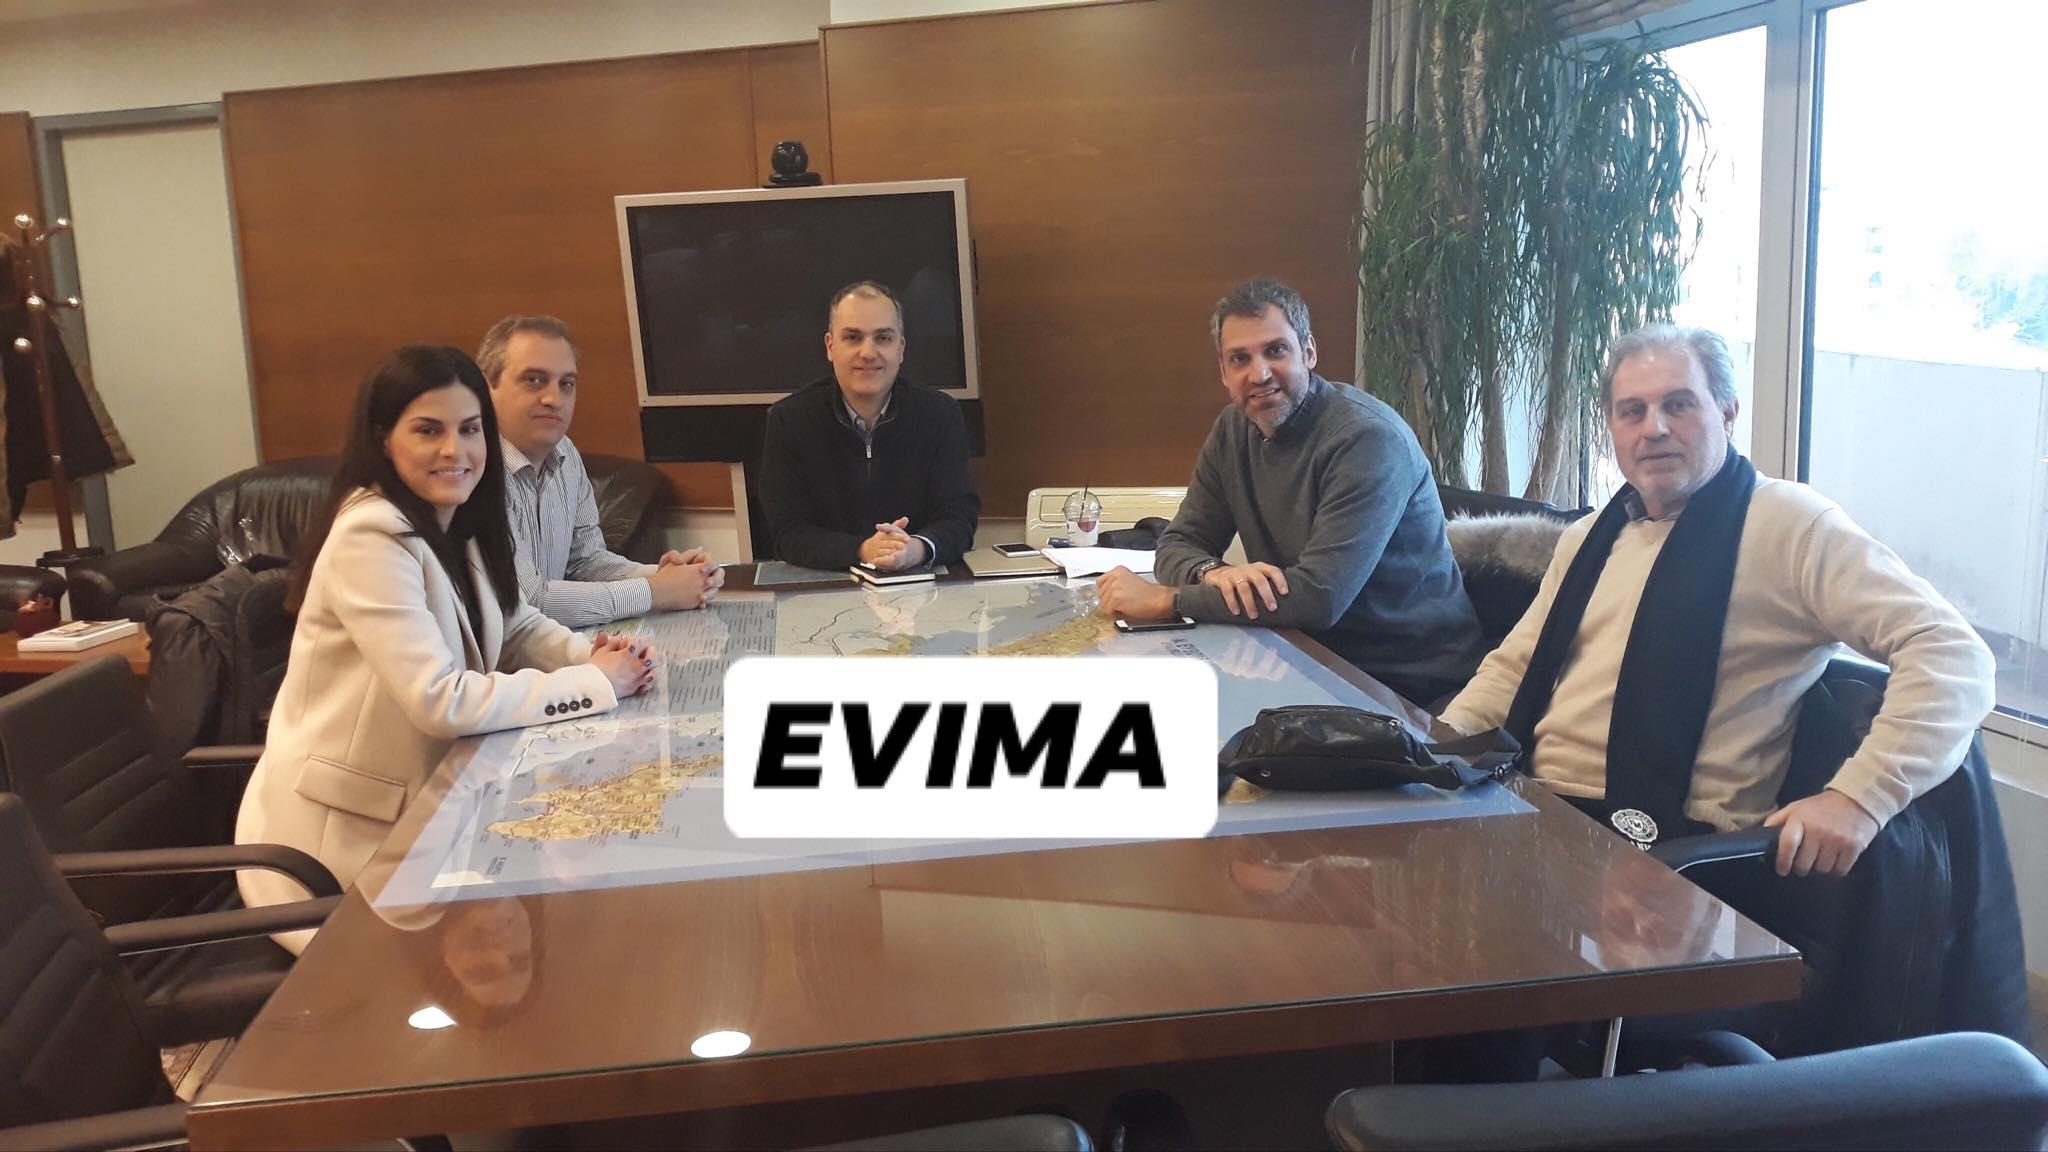 Αποκλειστικό – Συνάντηση του νέου Δ.Σ. του 9ου τμήματος του Οικονομικού Επιμελητηρίου με τον αντιπεριφερειάρχη Εύβοιας